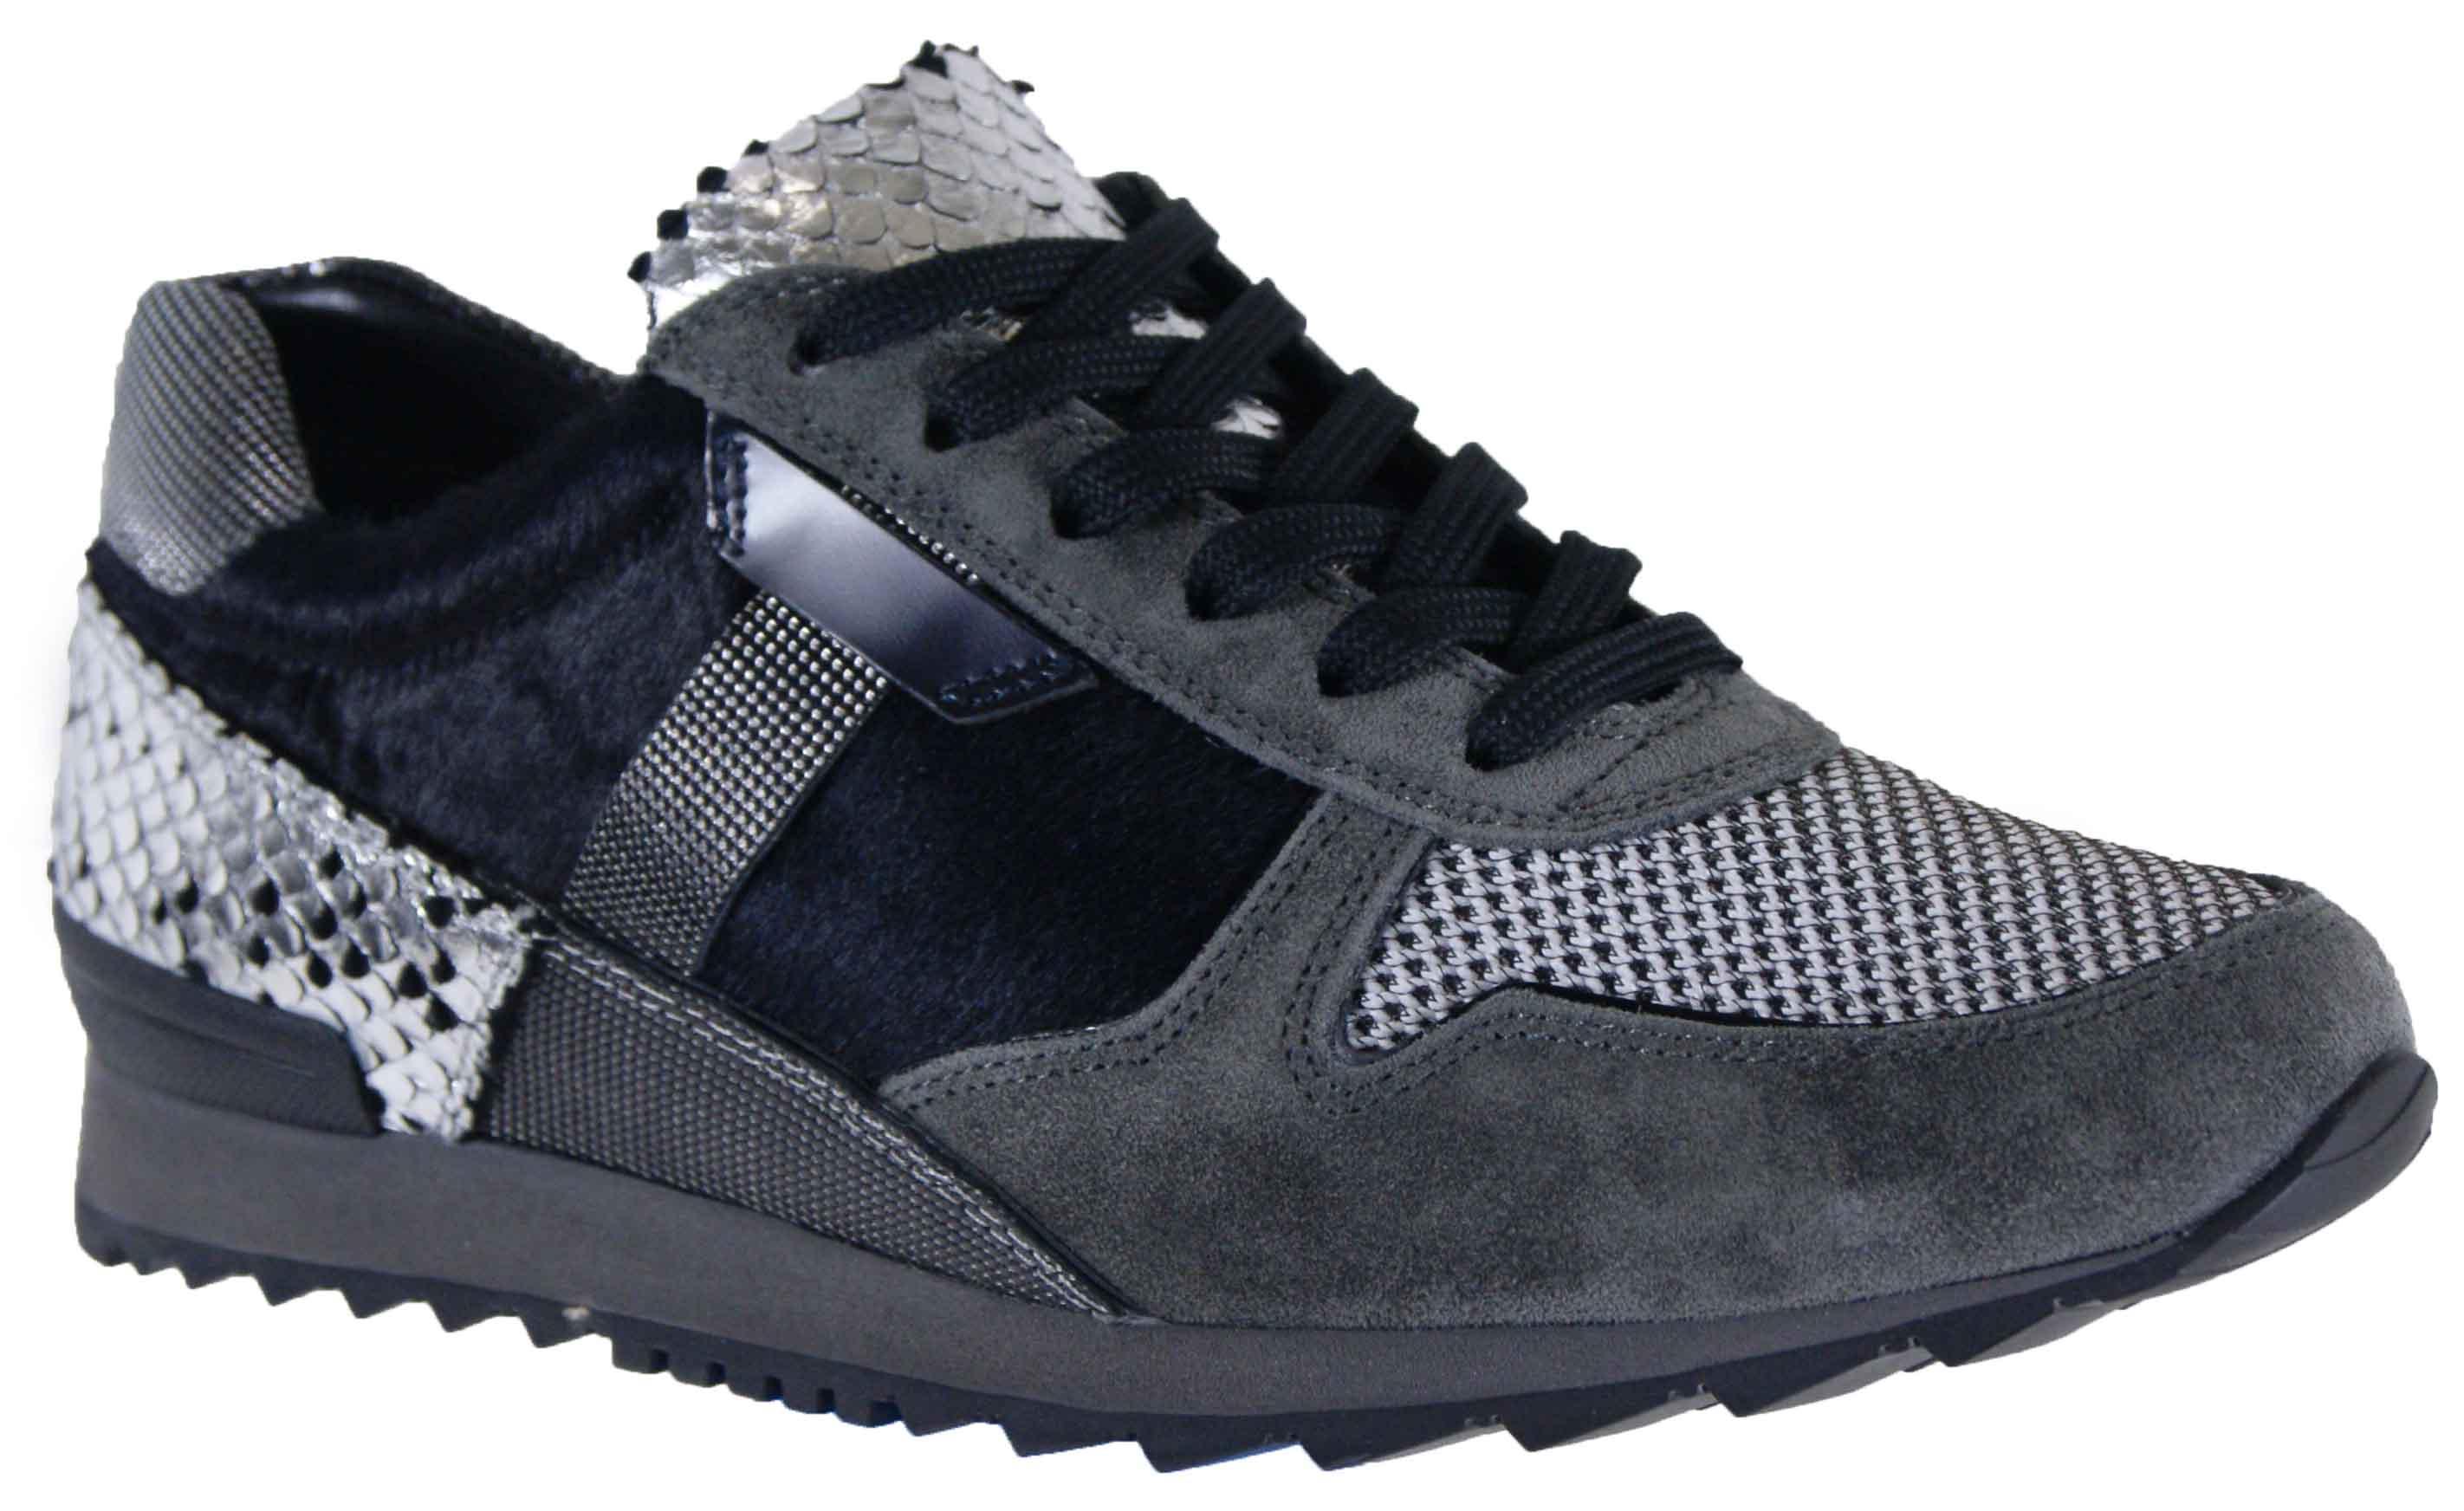 kennel schmenger sneakers 21 18310 grey at. Black Bedroom Furniture Sets. Home Design Ideas